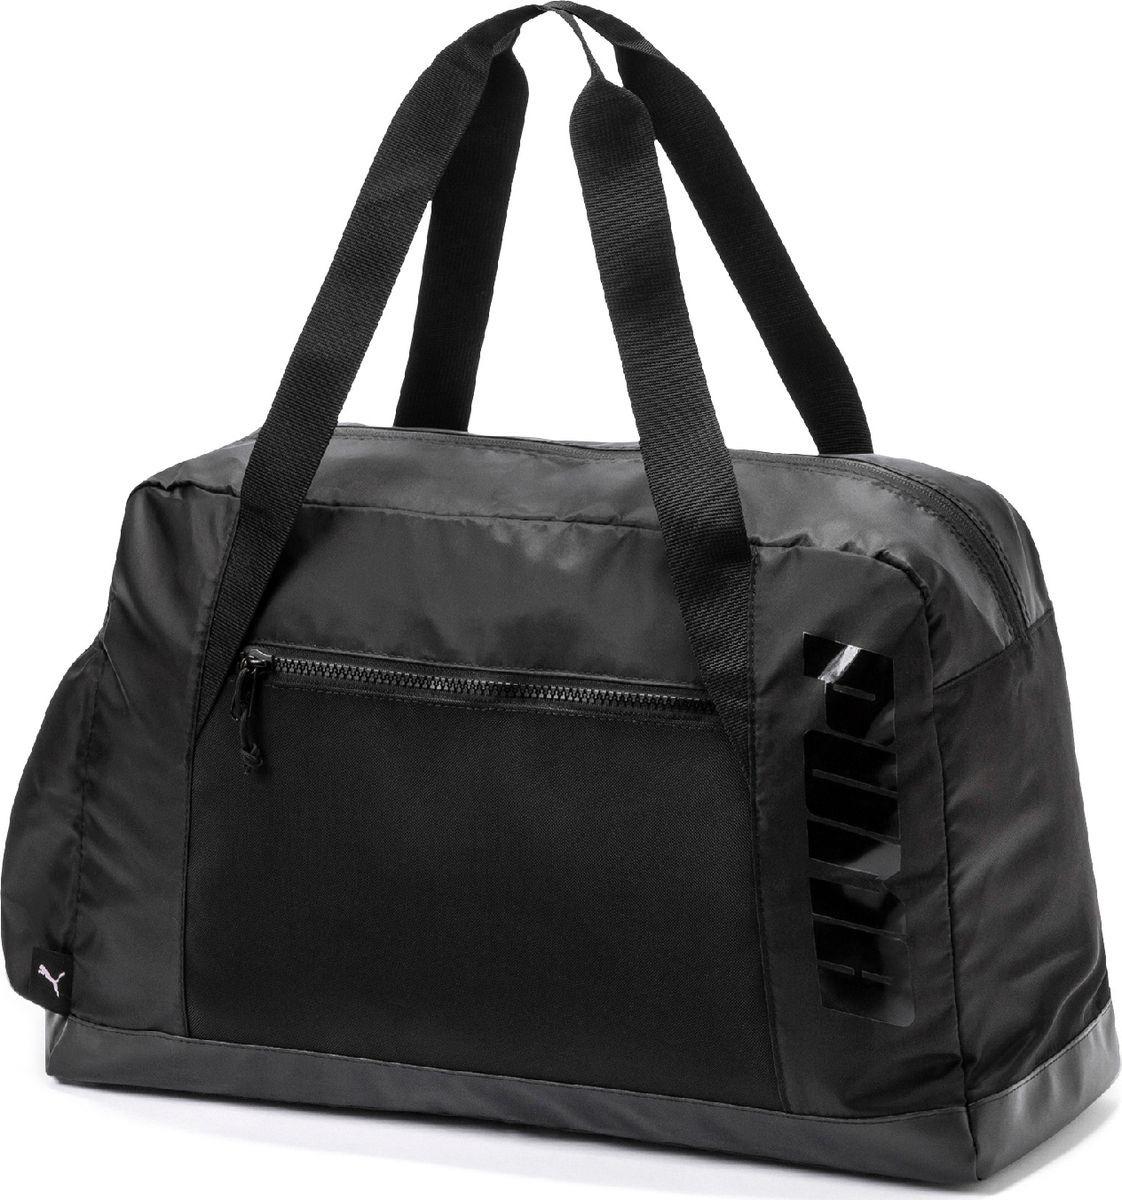 ee41abd56281 Сумка Puma AT Grip Bag, 07572901, черный — купить в интернет-магазине  OZON.ru с быстрой доставкой